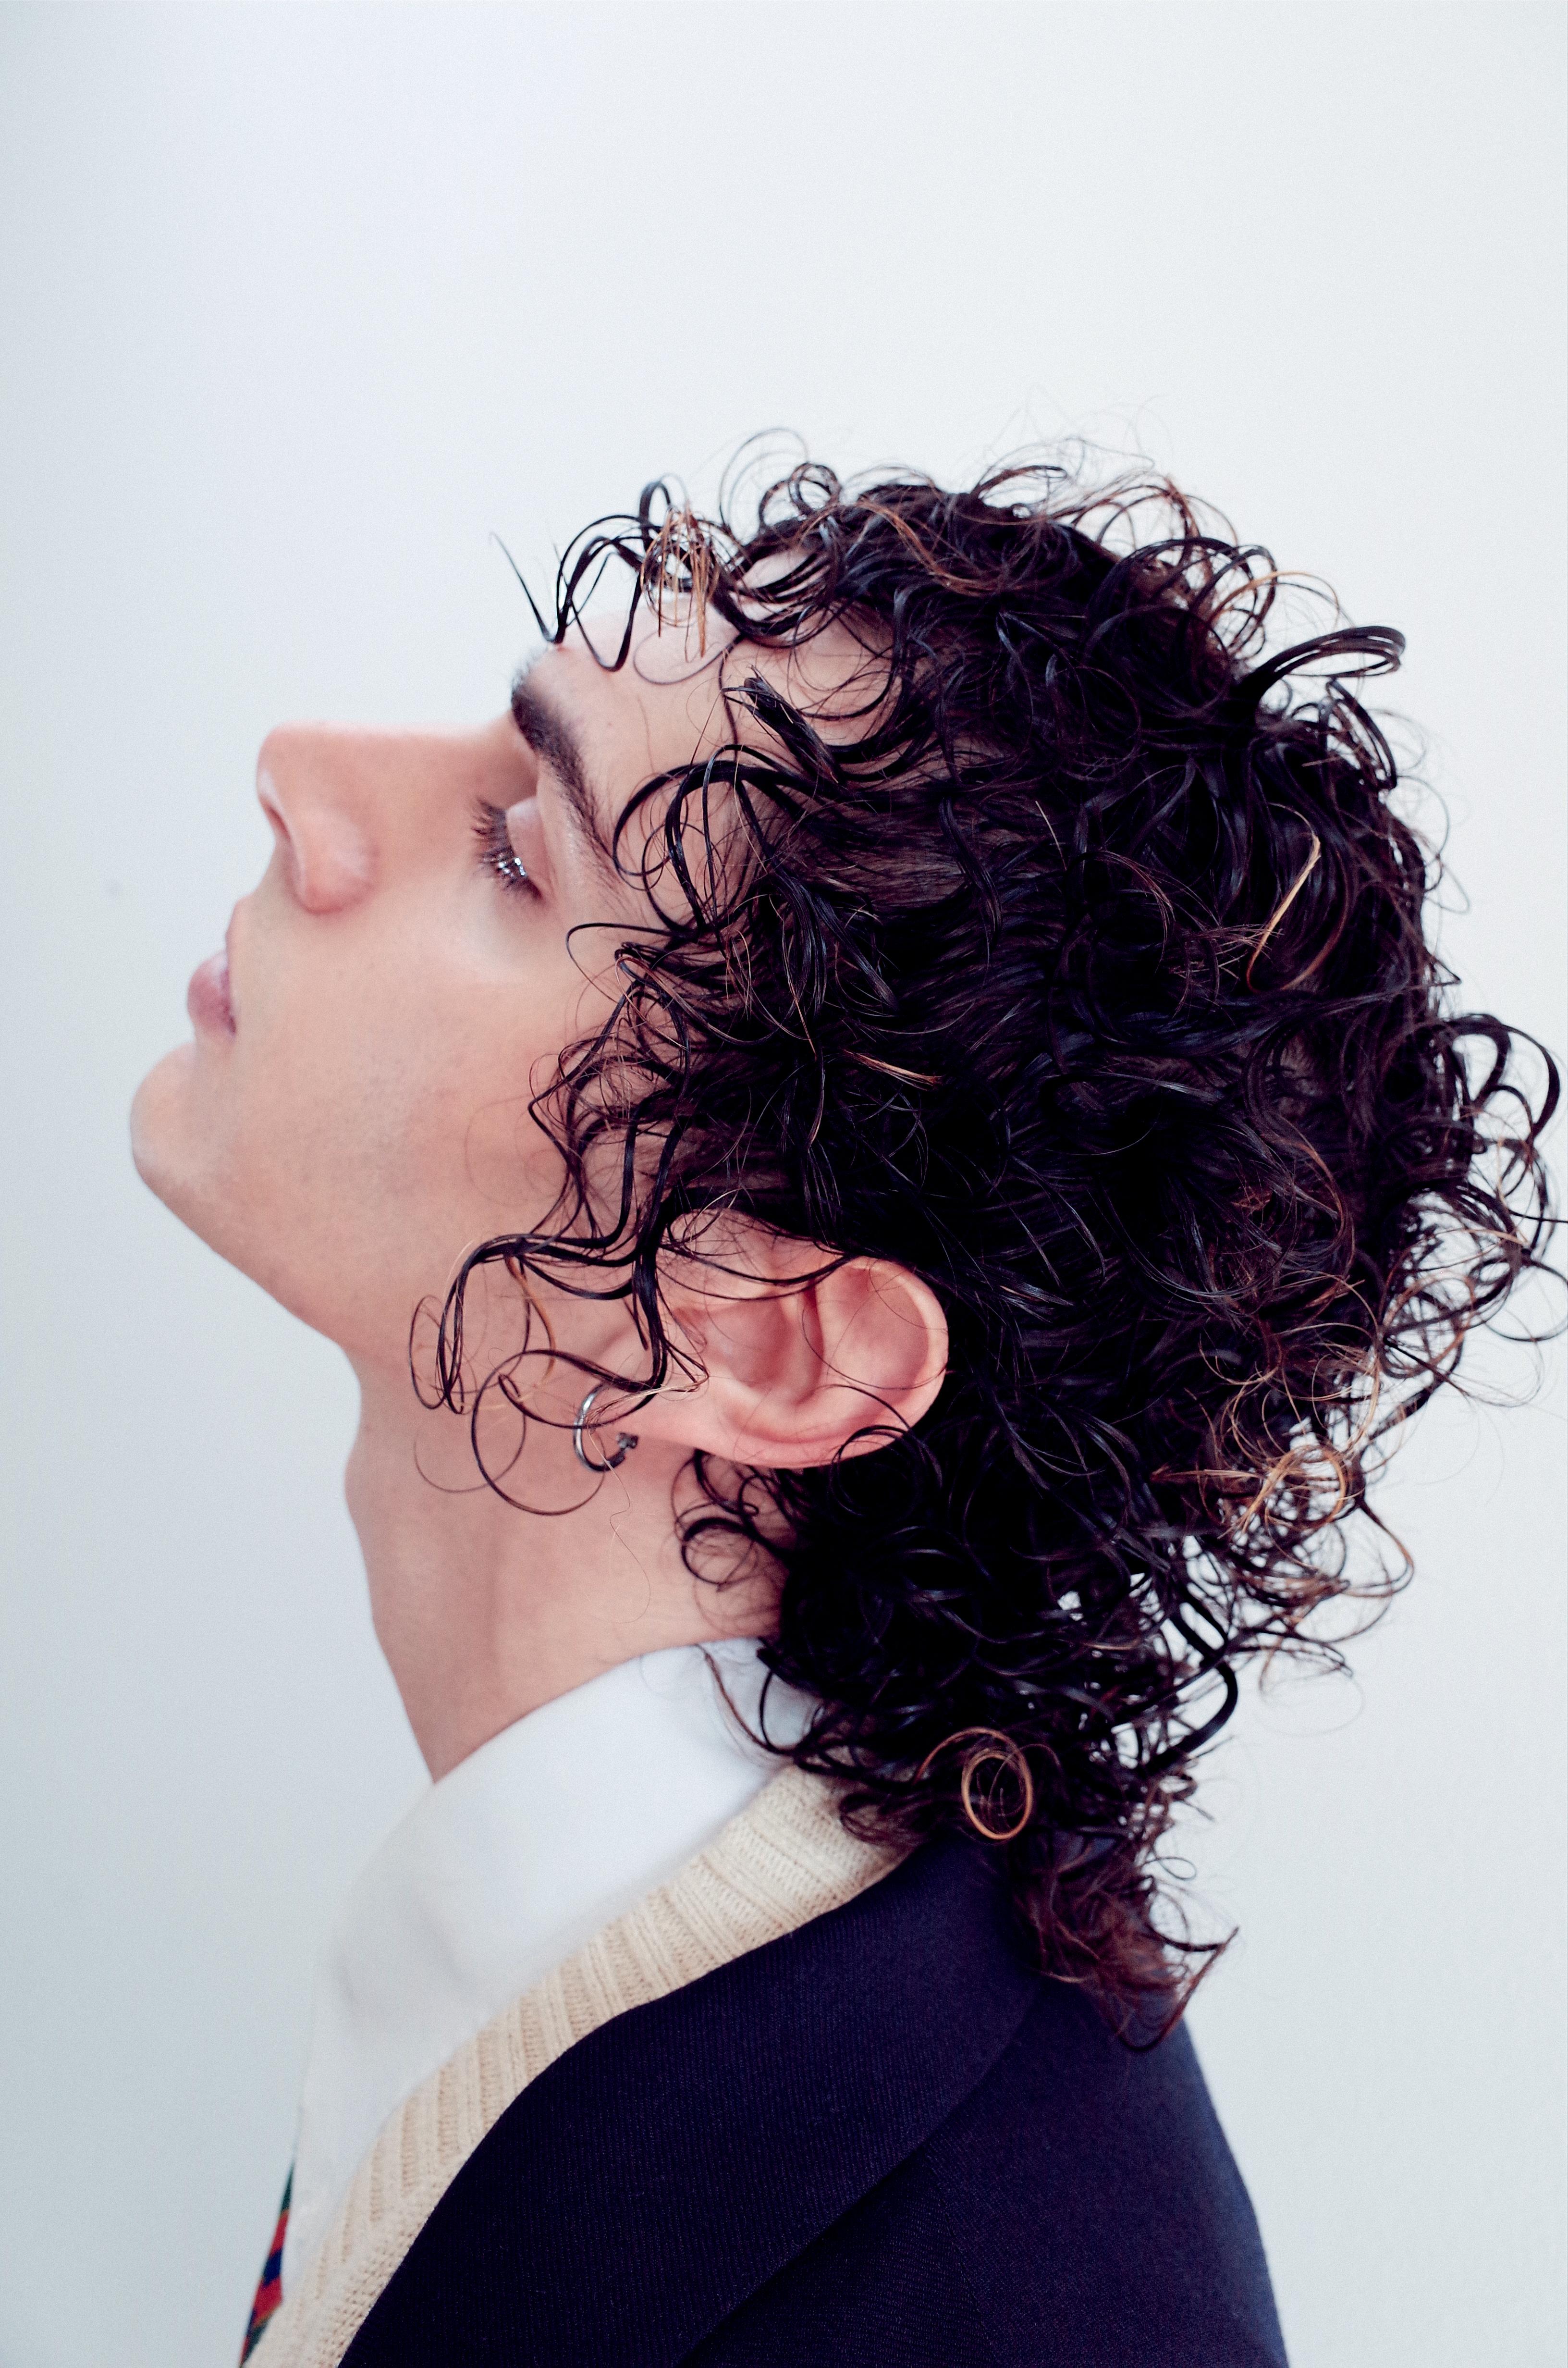 Matteo-Paglierani-close-up-+--MATTIA-GIO